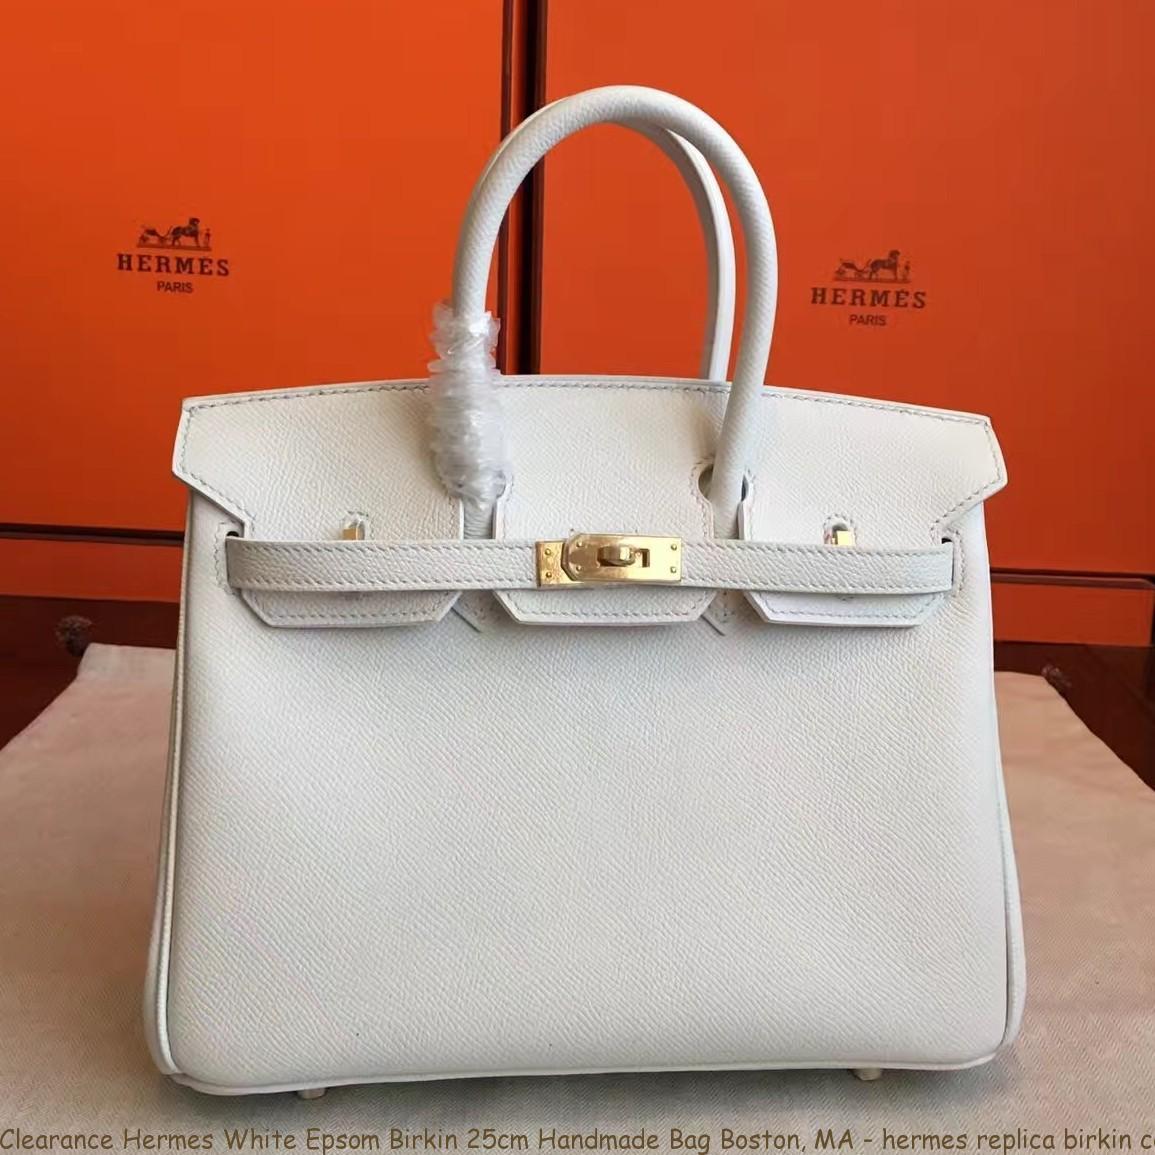 9c22afb14 Clearance Hermes White Epsom Birkin 25cm Handmade Bag Boston, MA ...